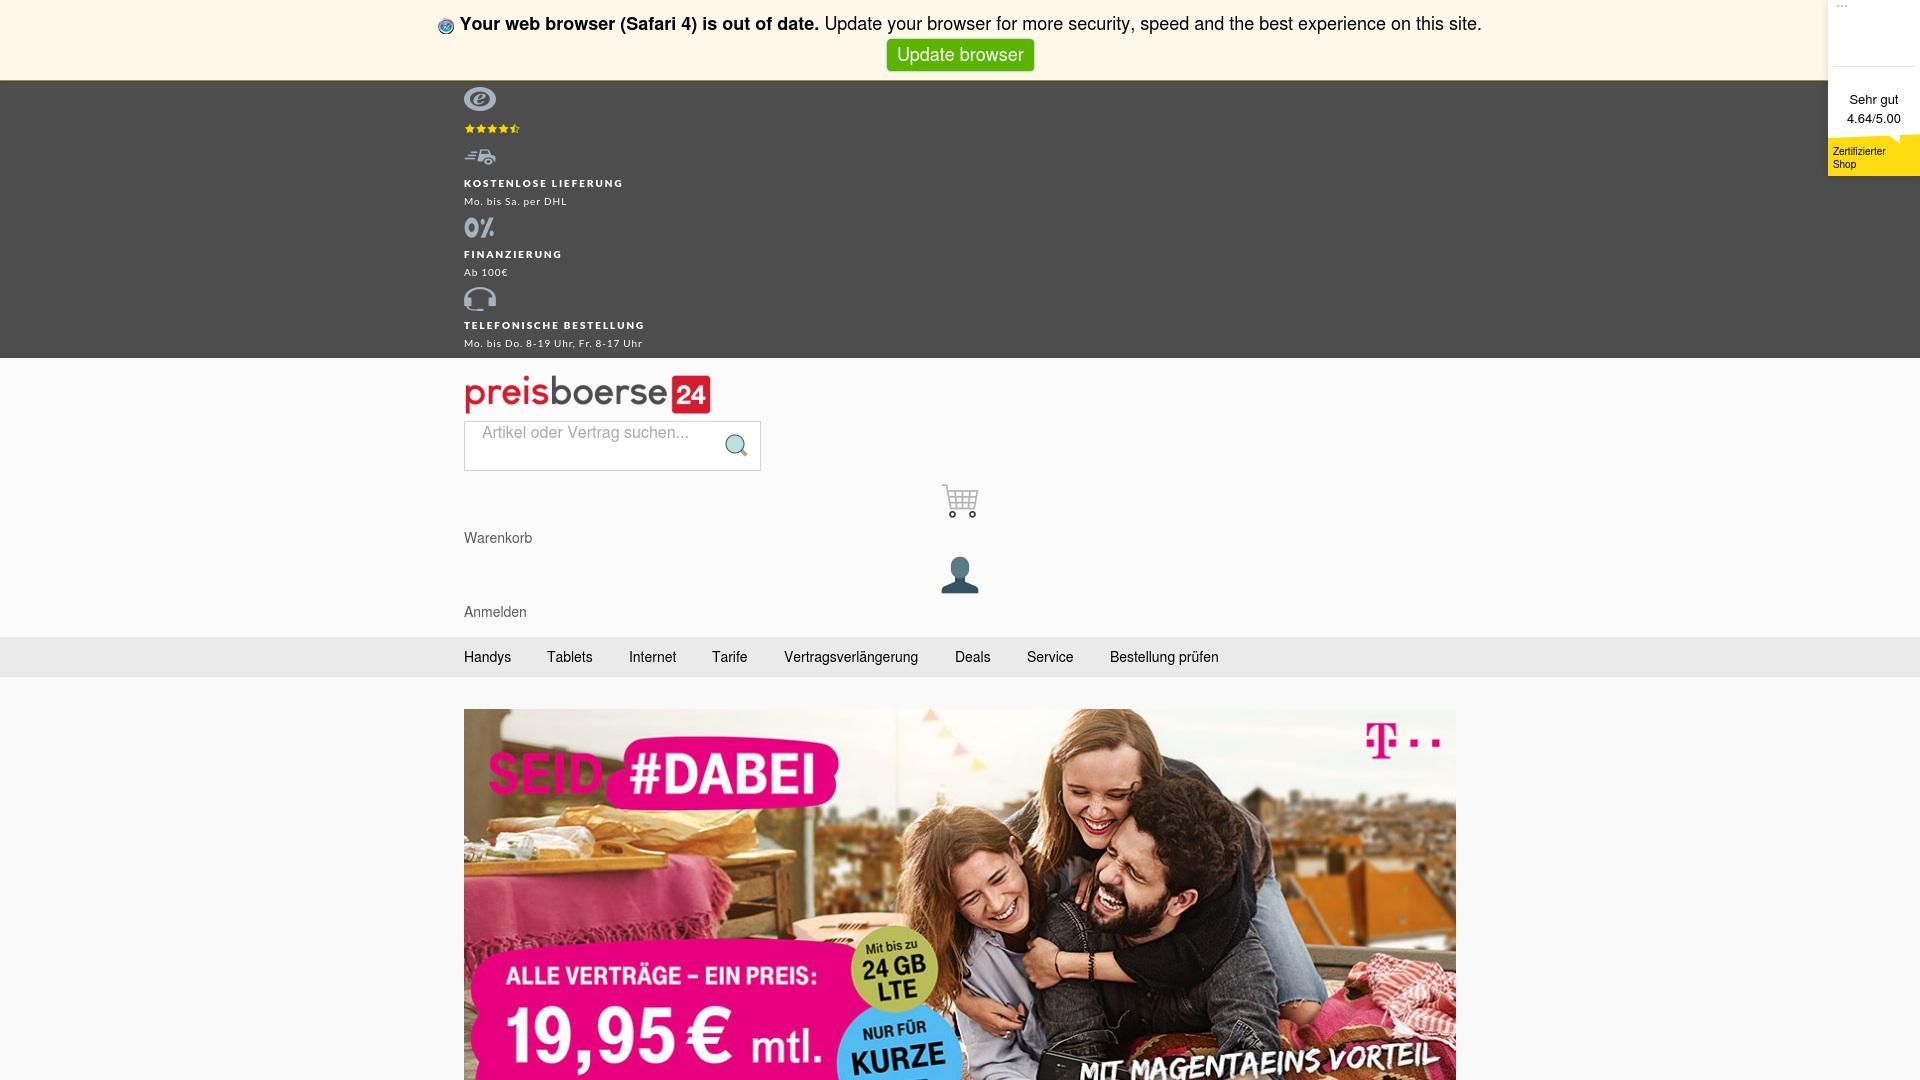 Gutschein für Preisboerse24: Rabatte für  Preisboerse24 sichern